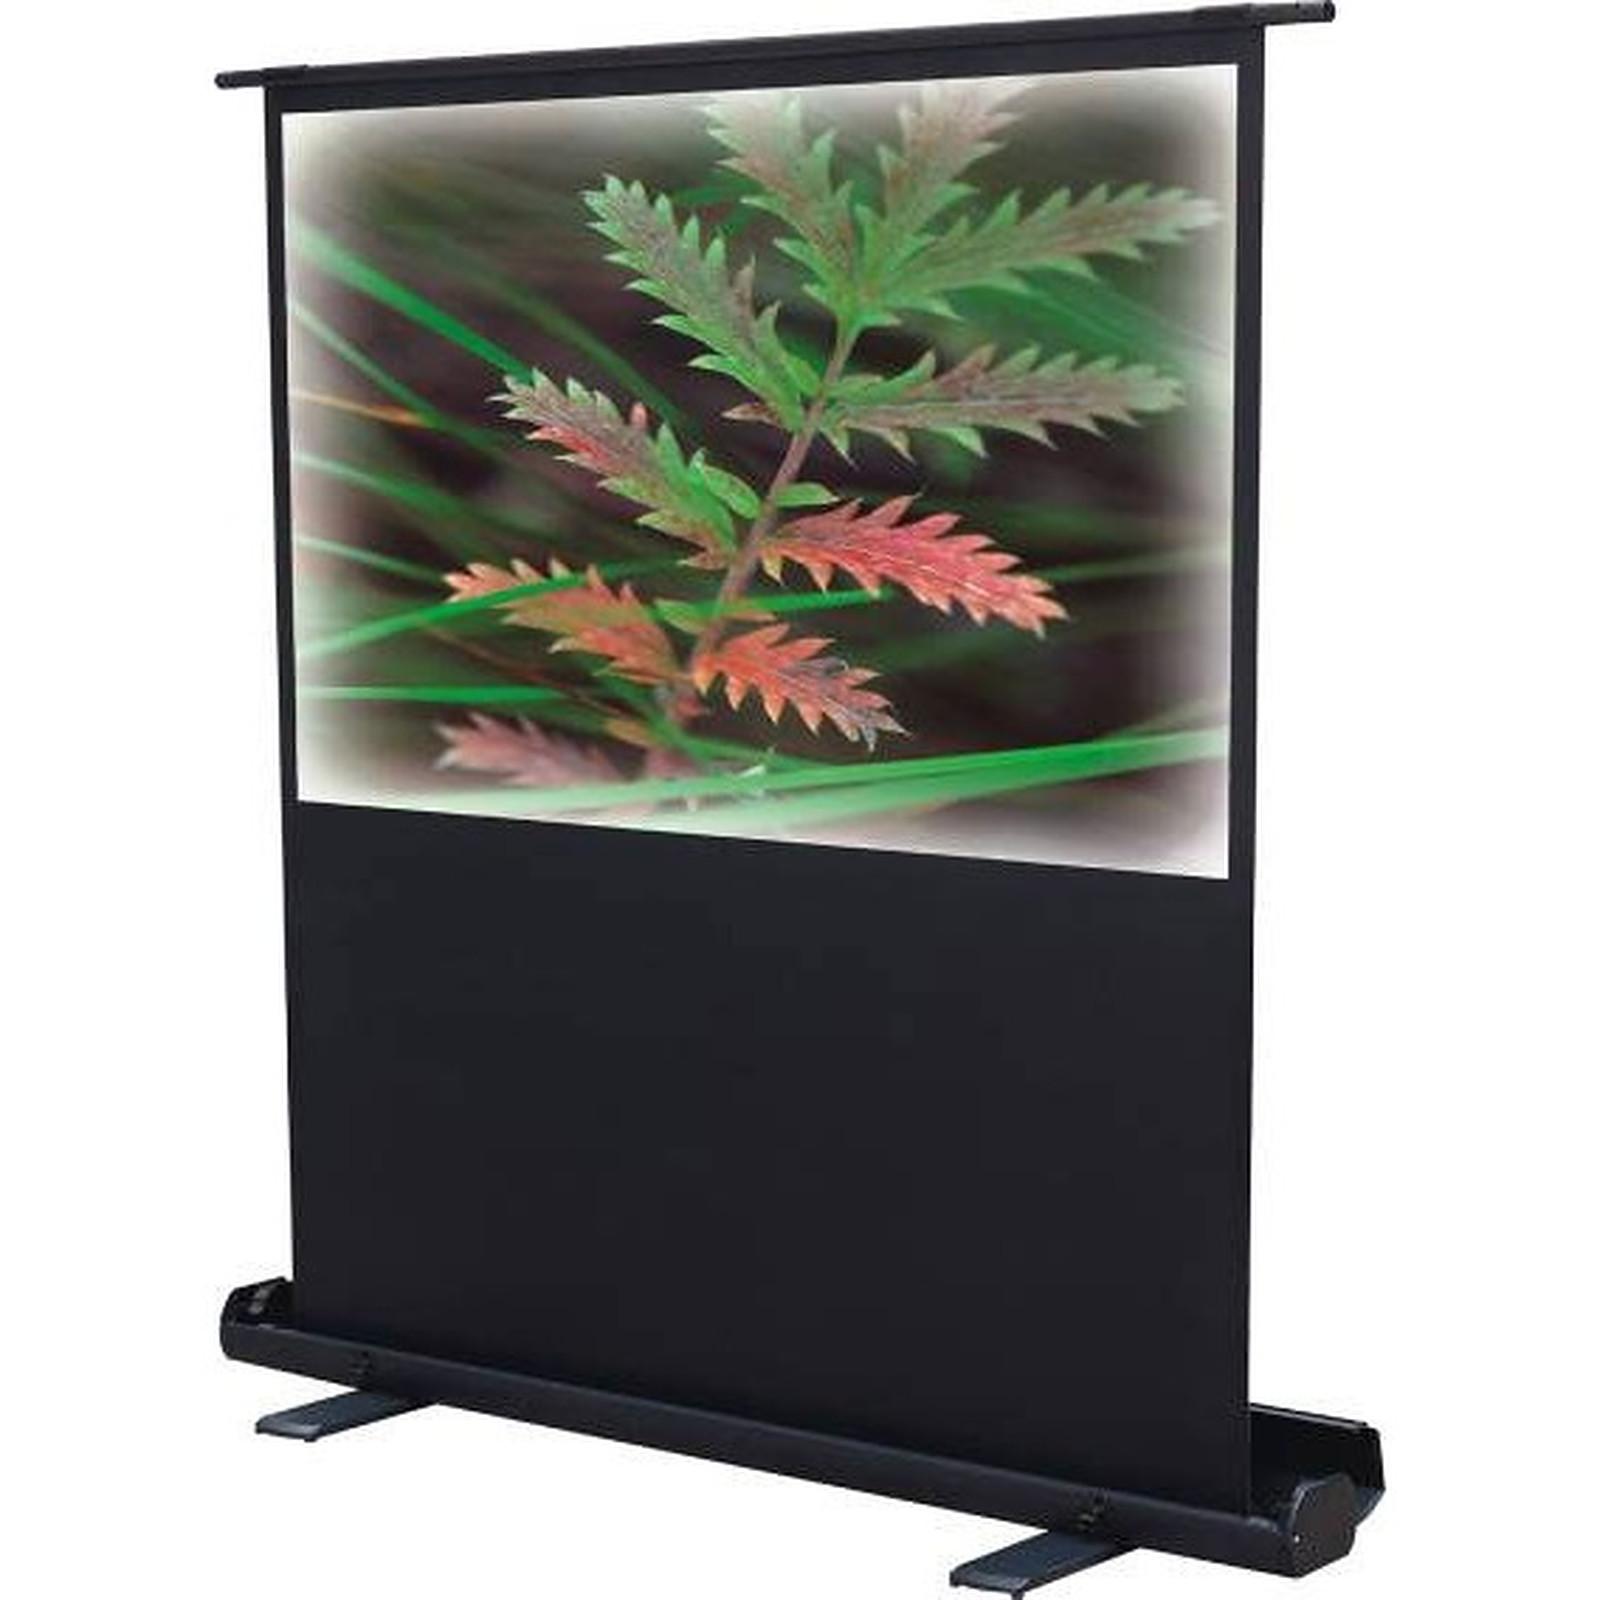 LDLC Ecran portable manuel - Format 4:3 - 160 x 120 cm